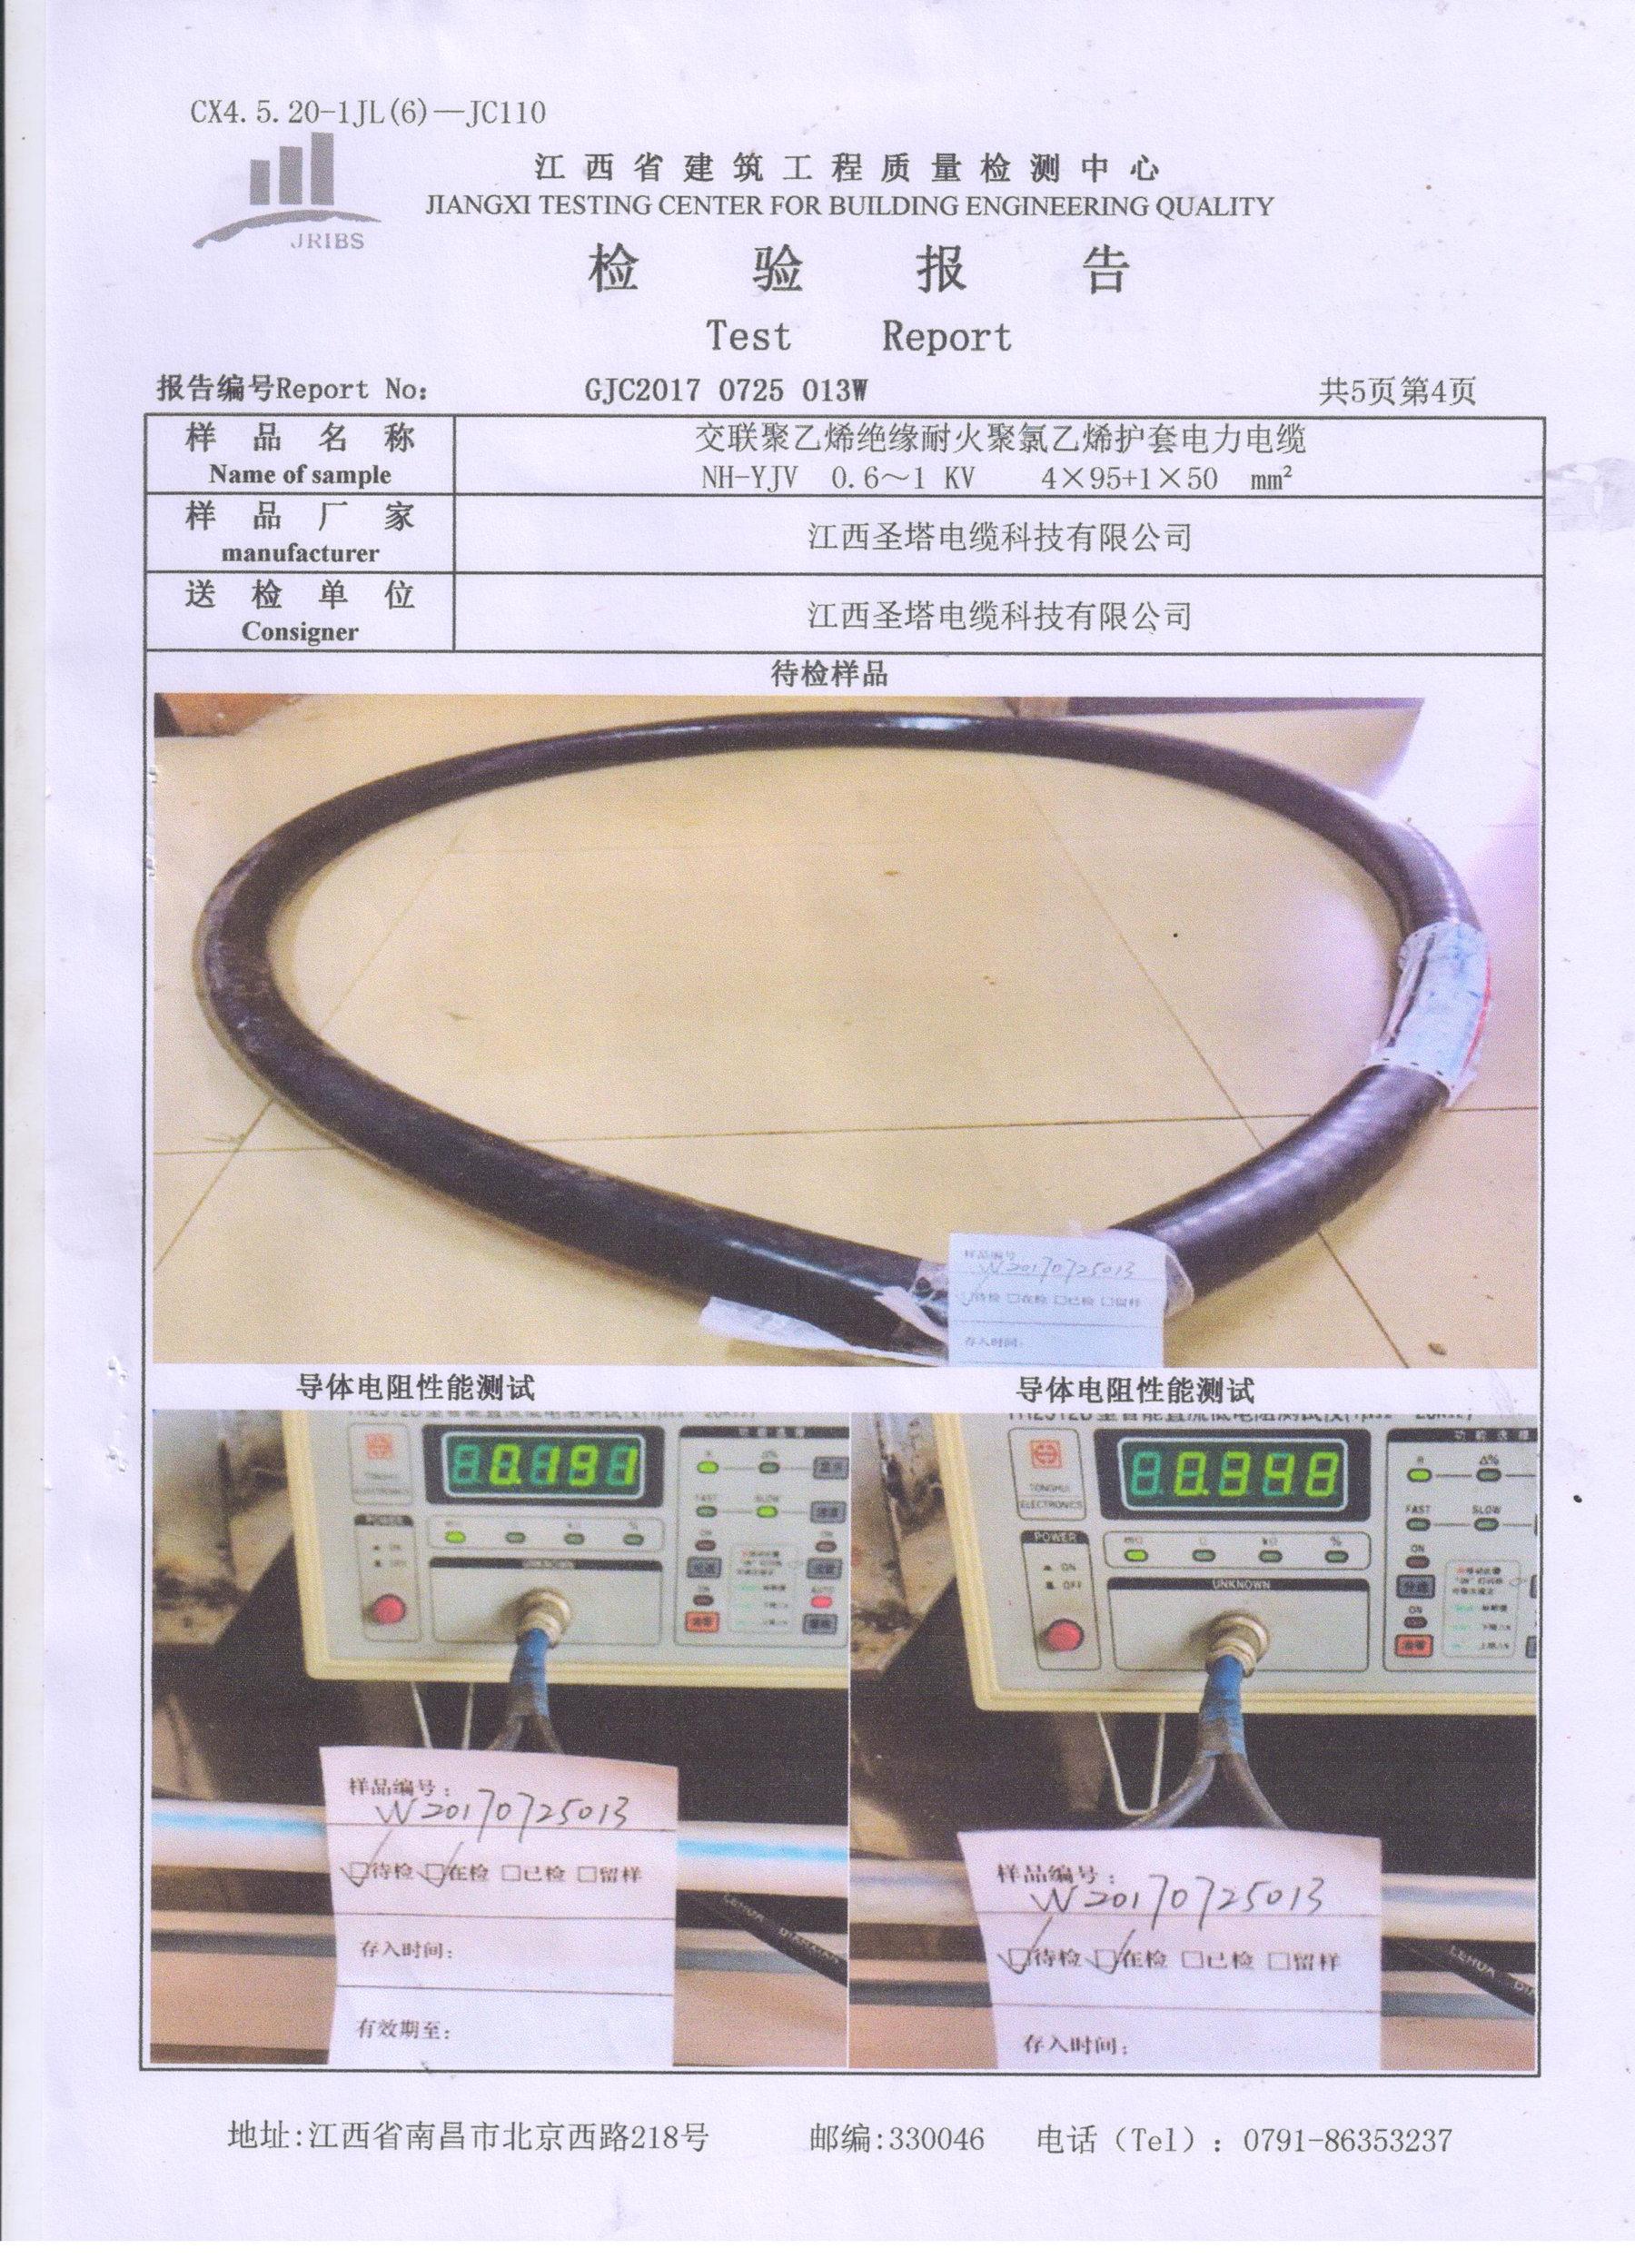 耐火电缆检测陈述